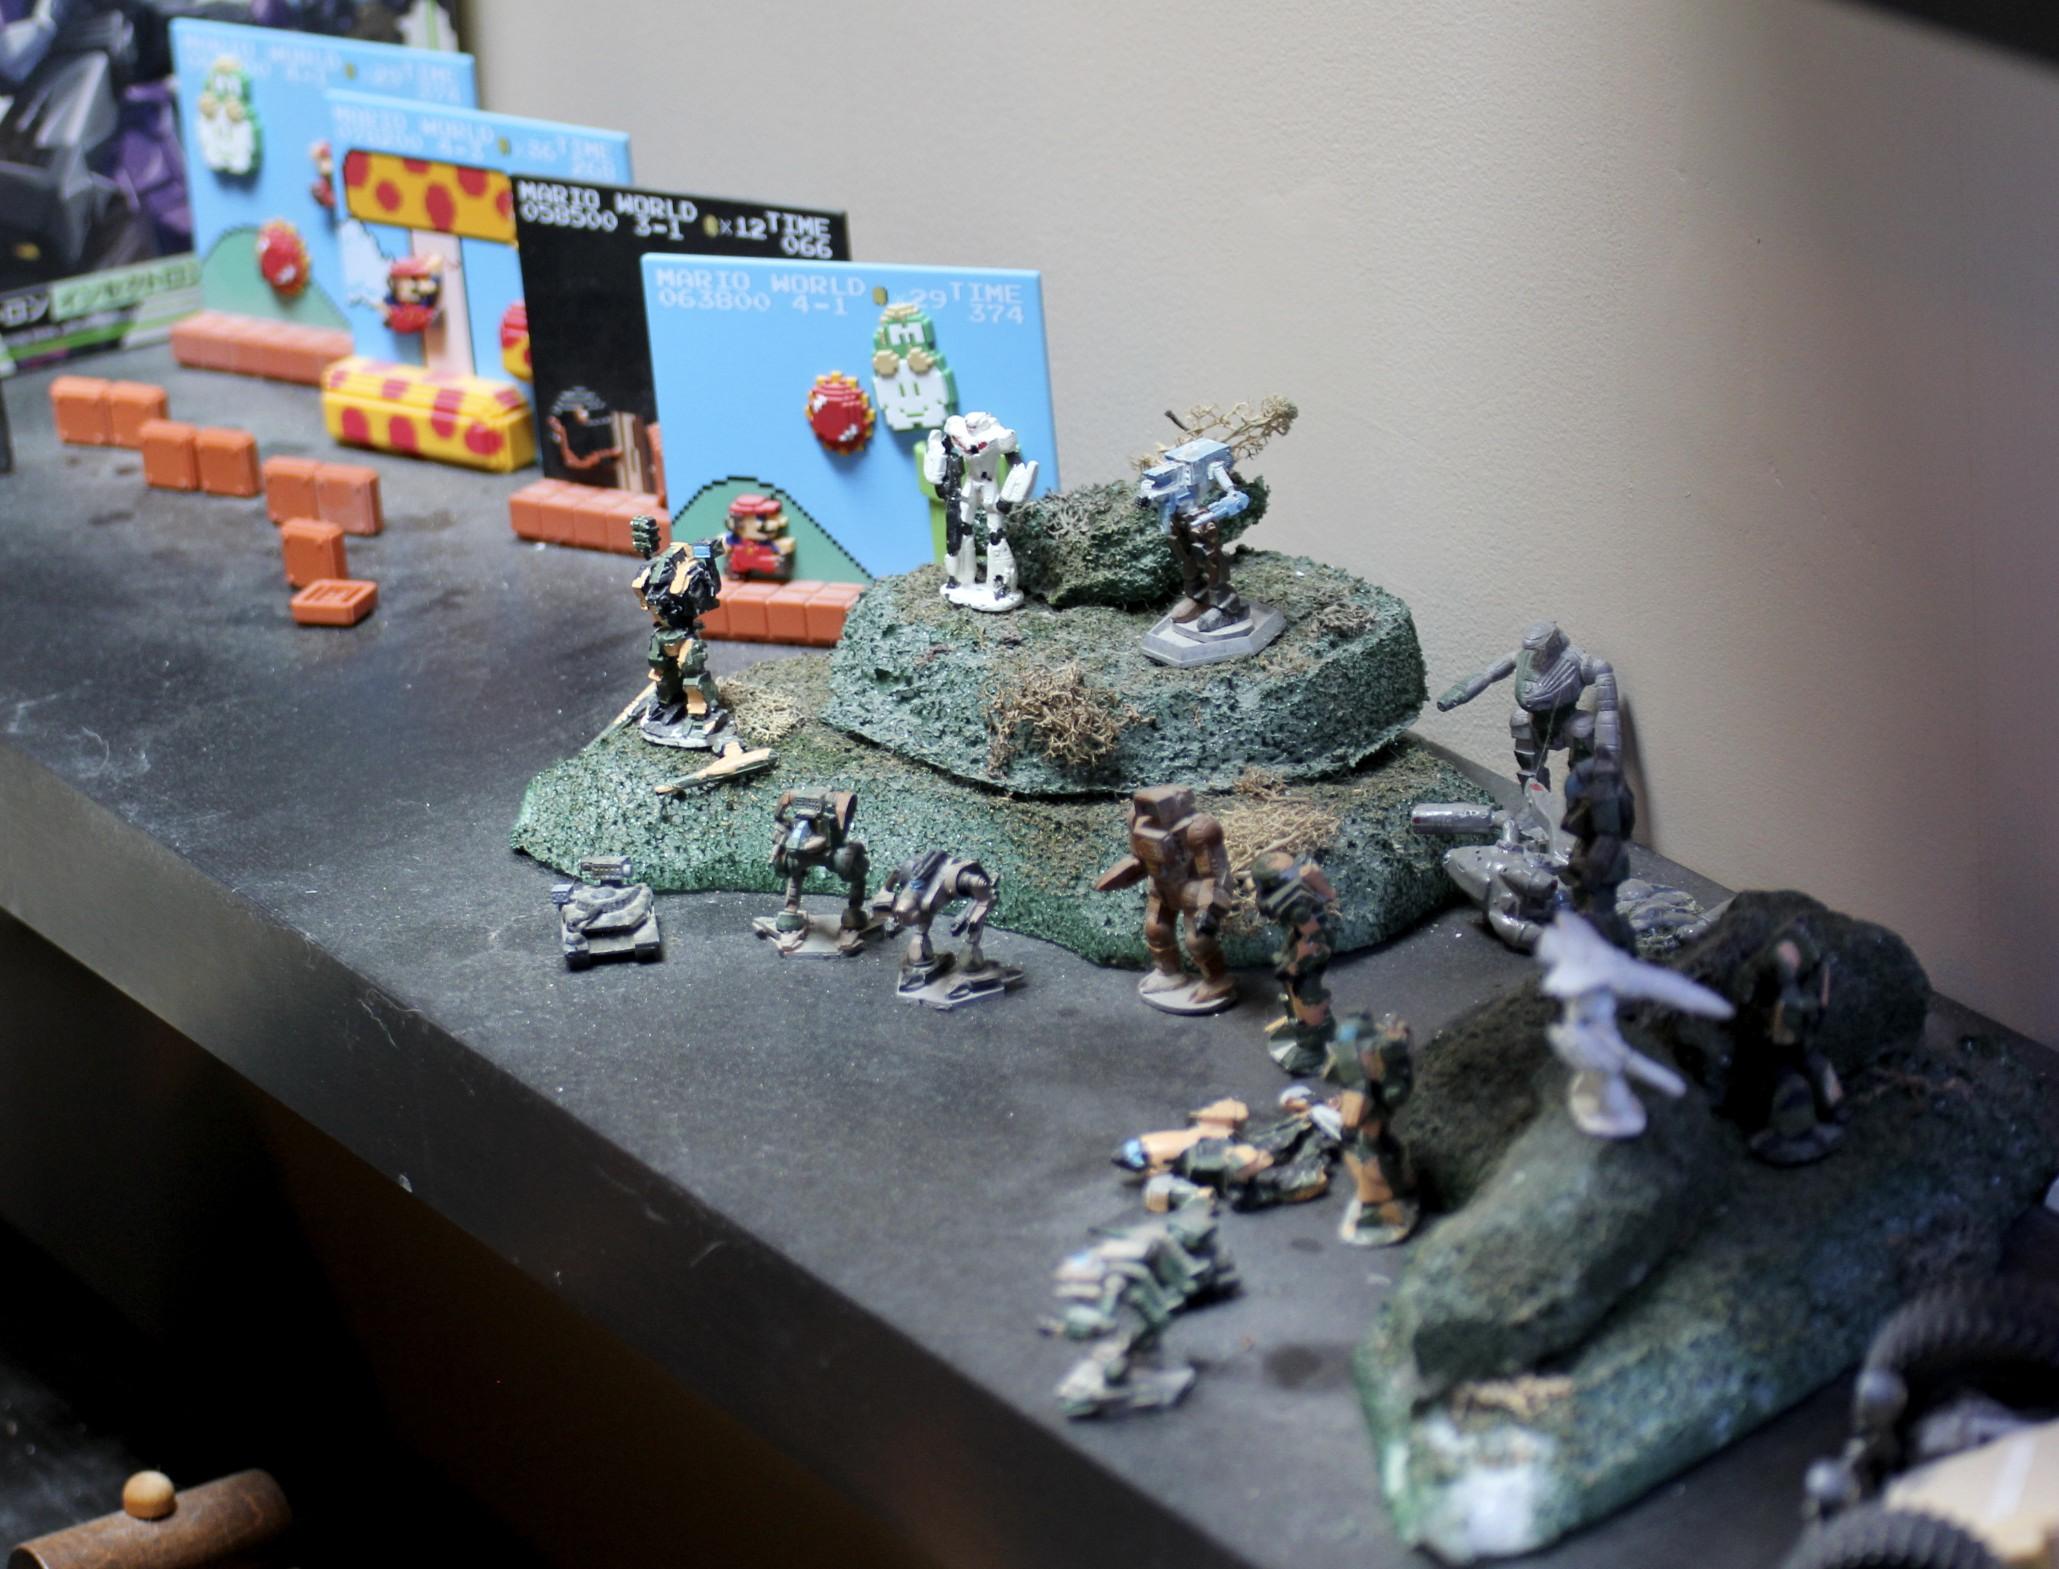 BattleTech  figures,  Super Marrio Bros . vignettes